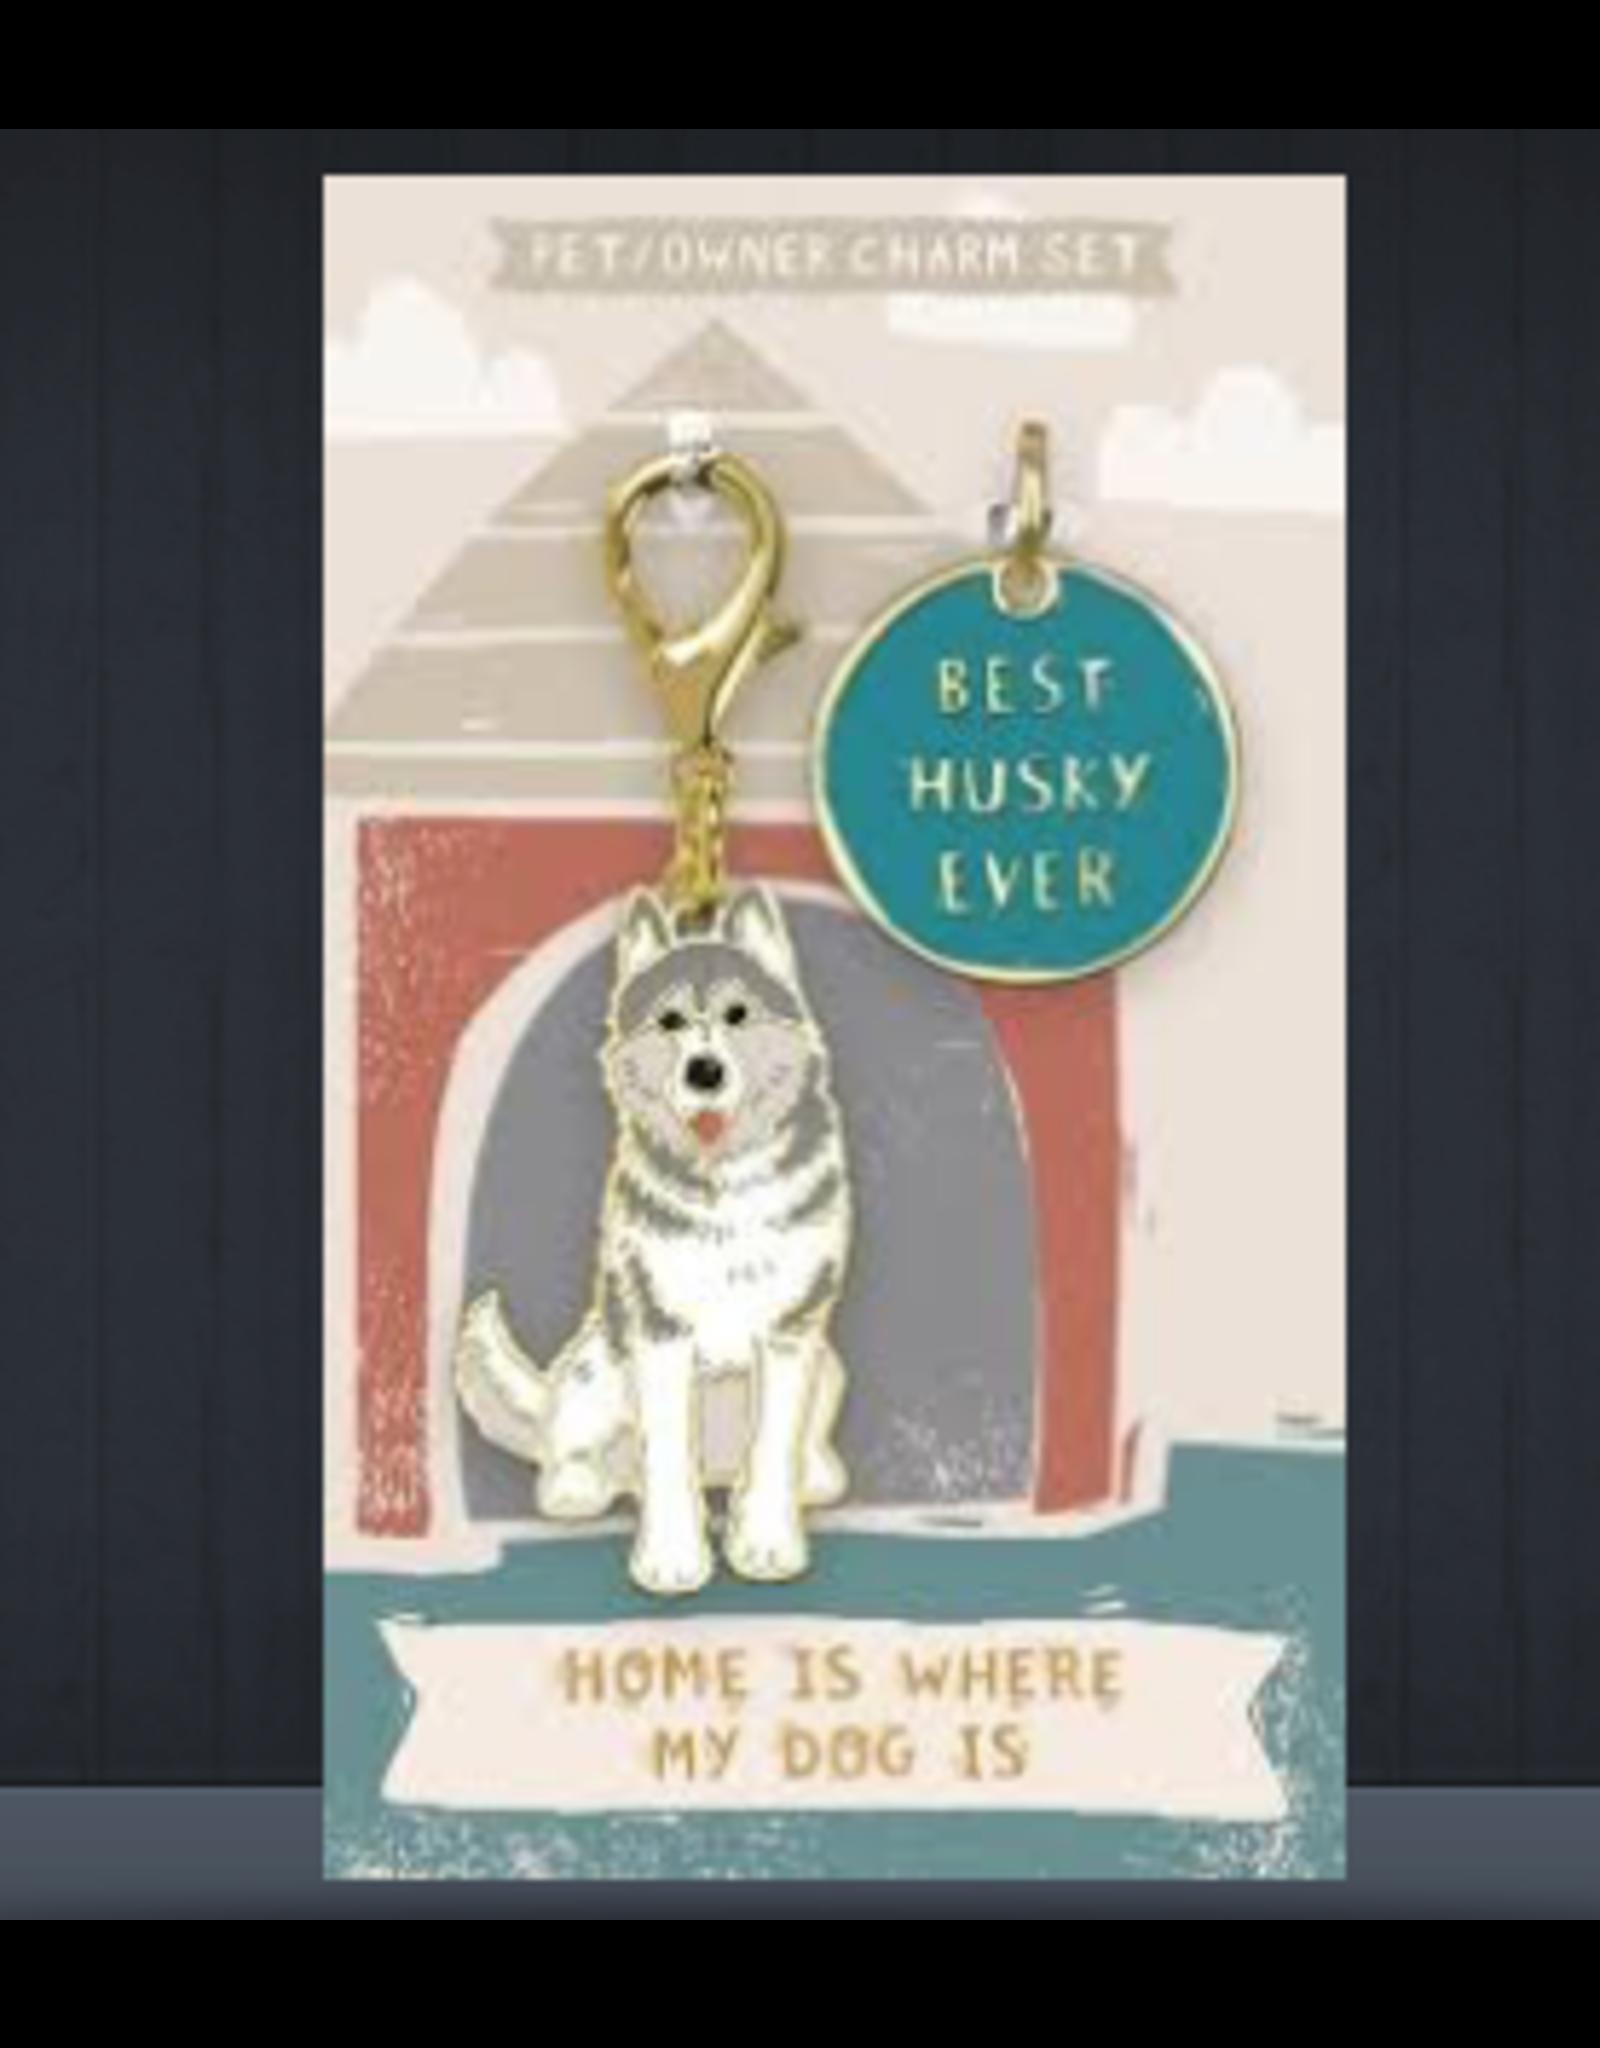 Pet/Owner Charm Set, Husky